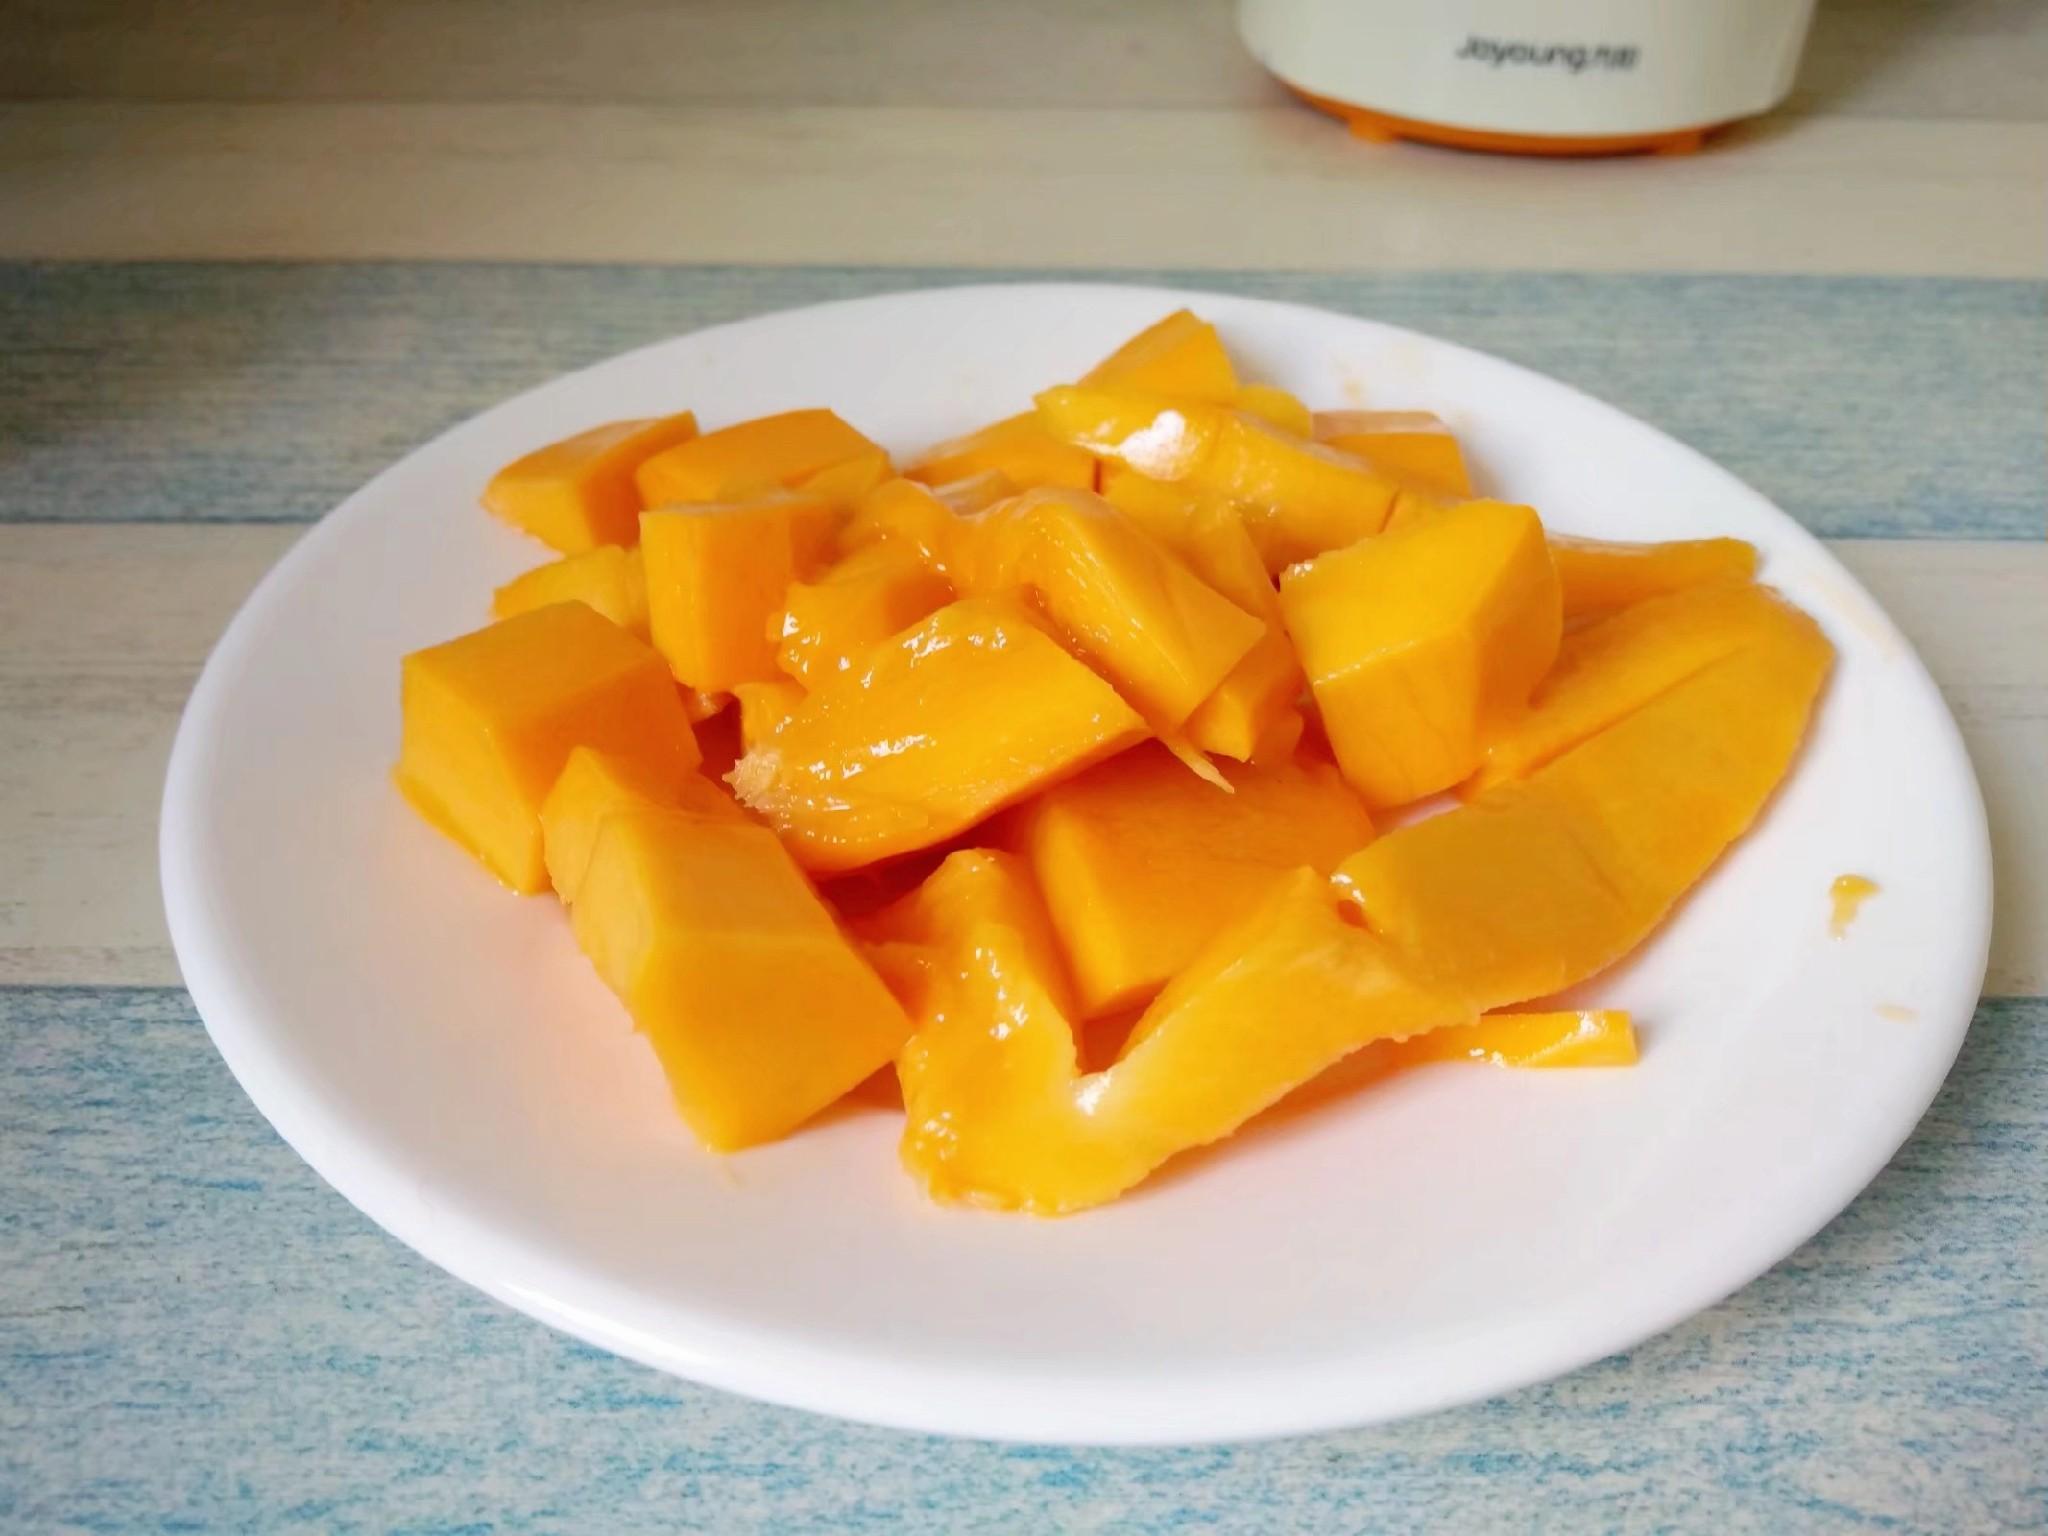 芒果冰棒的做法图解